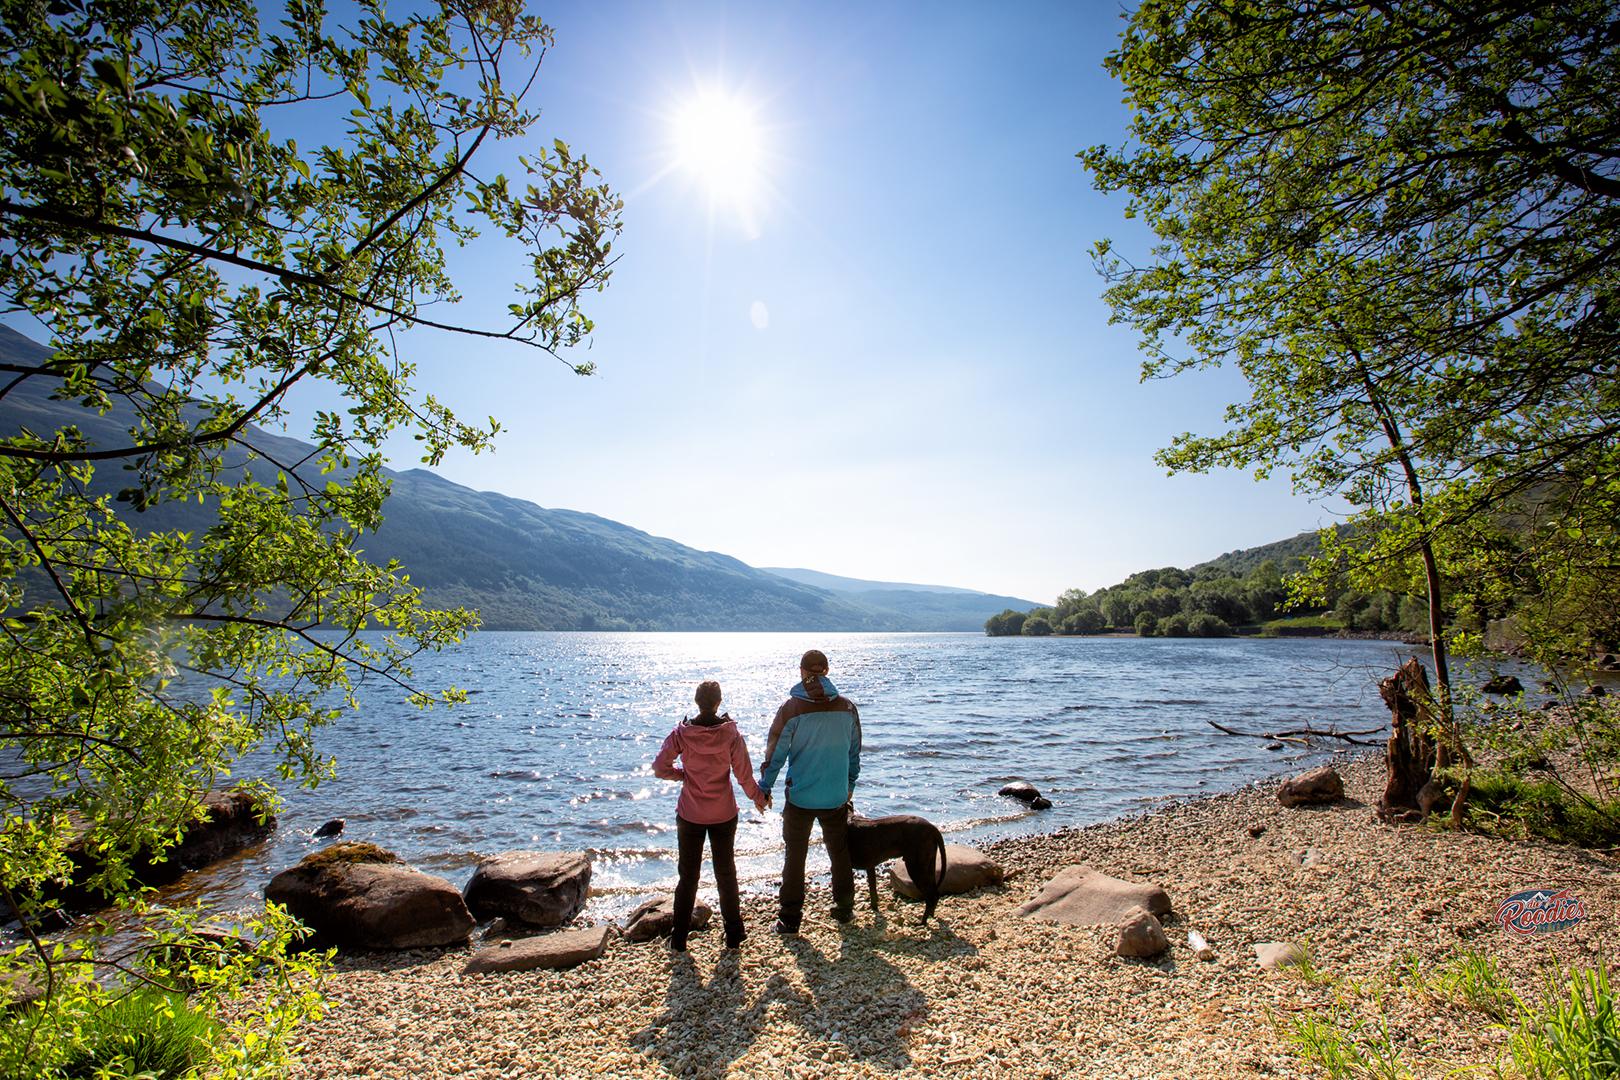 Loch Lomond_Schottland_Wohnmobil_Hund_Campen